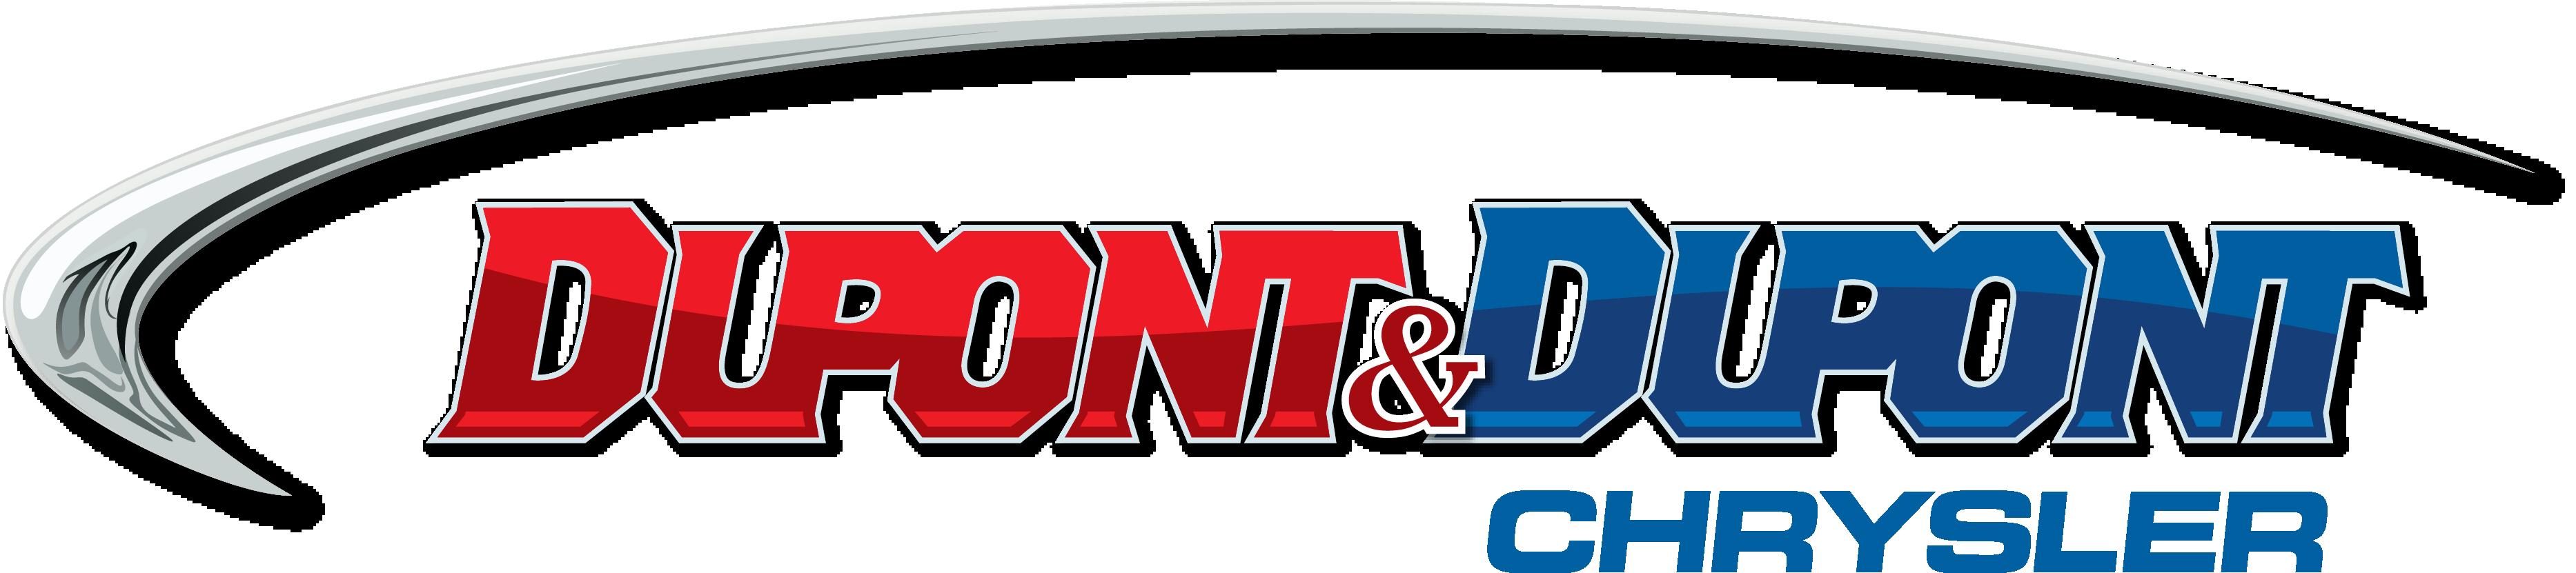 Dupont & Dupont Chrysler logo